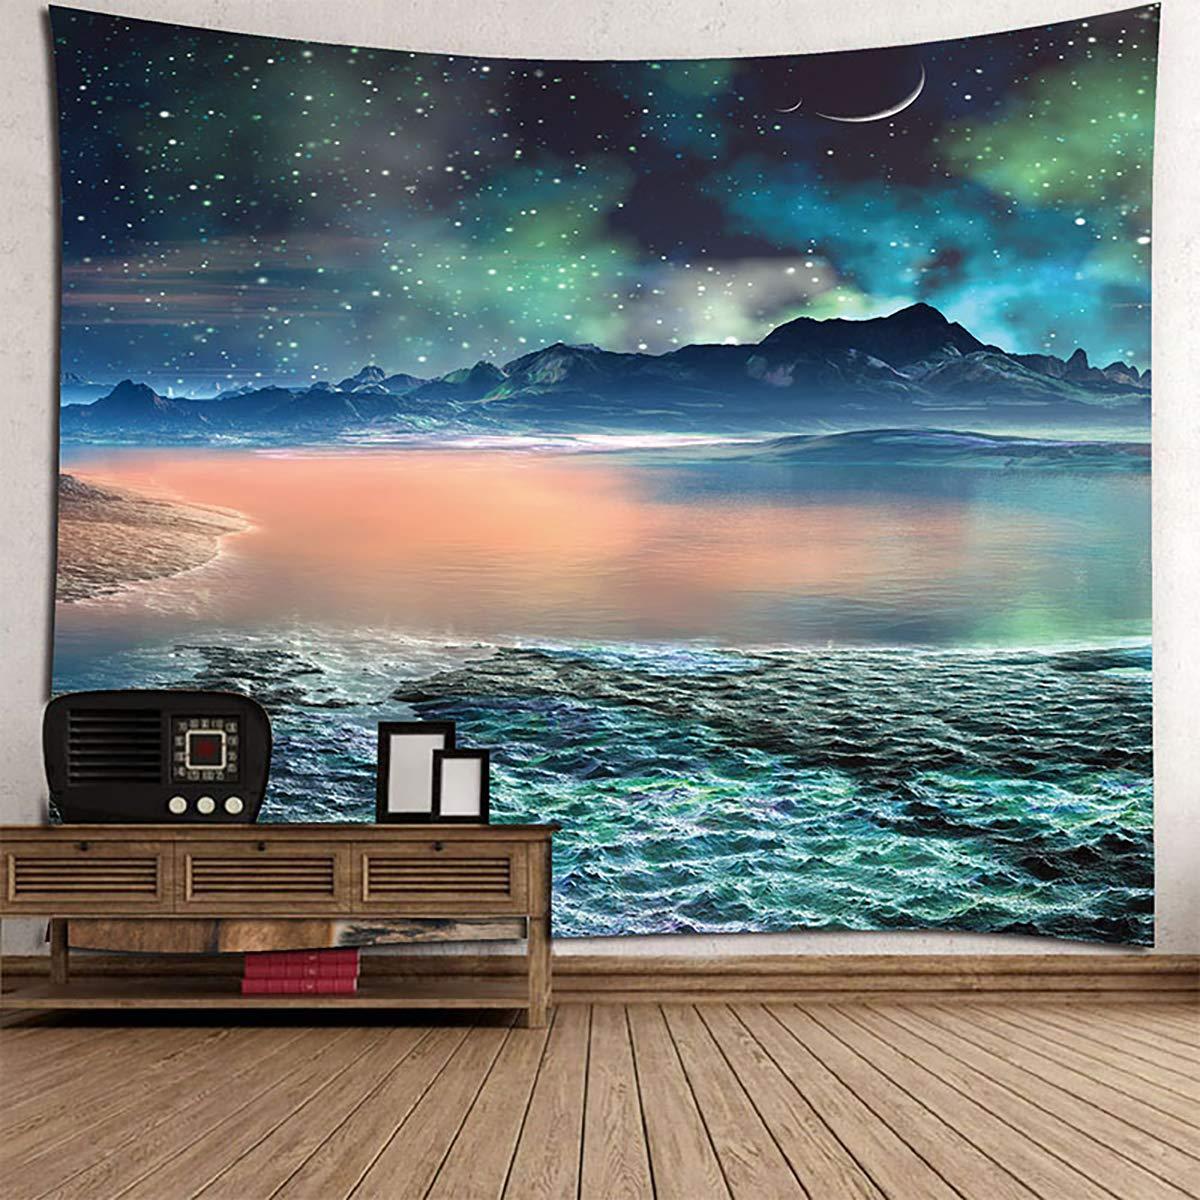 Shengyaju Deep Sea Star Home Wall Hanging arazzo Spiaggia Asciugamano 149,9 x 129,5 cm, Poliestere e Misto Poliestere, Multi1, 59X51Inches 9x 129 5cm